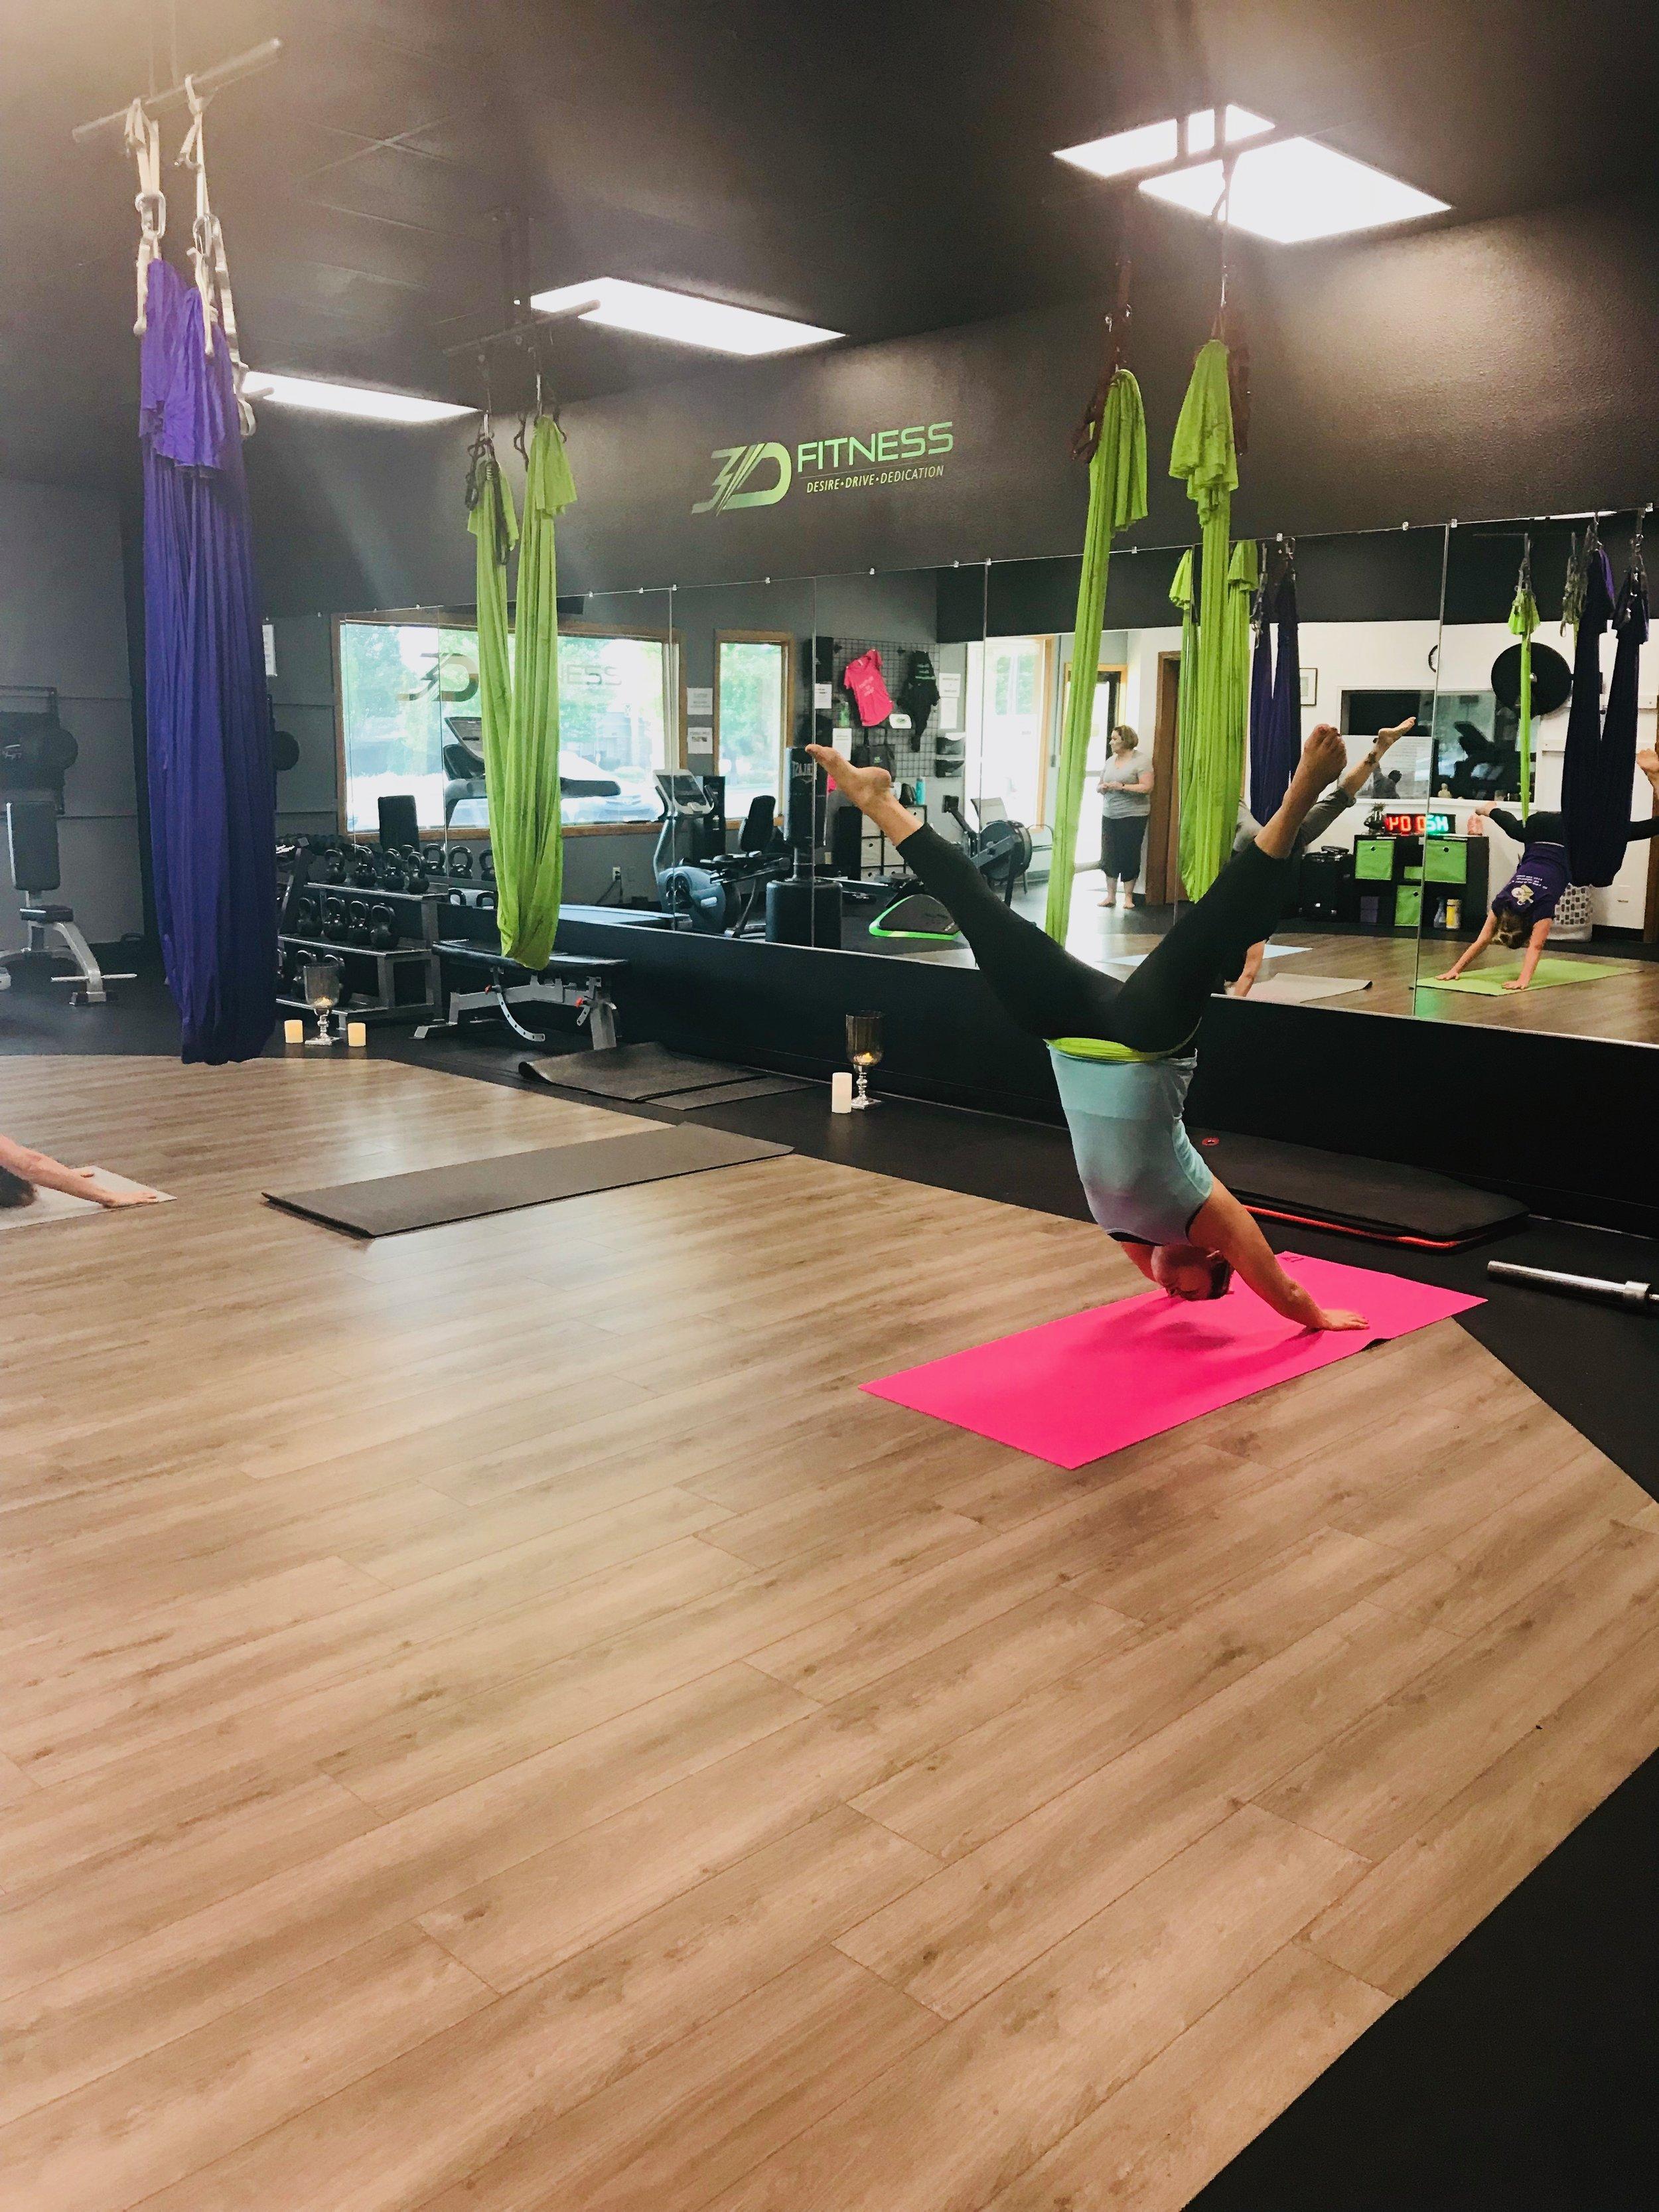 silk hammock yoga @ 3D-Fitness, Kennewick, WA